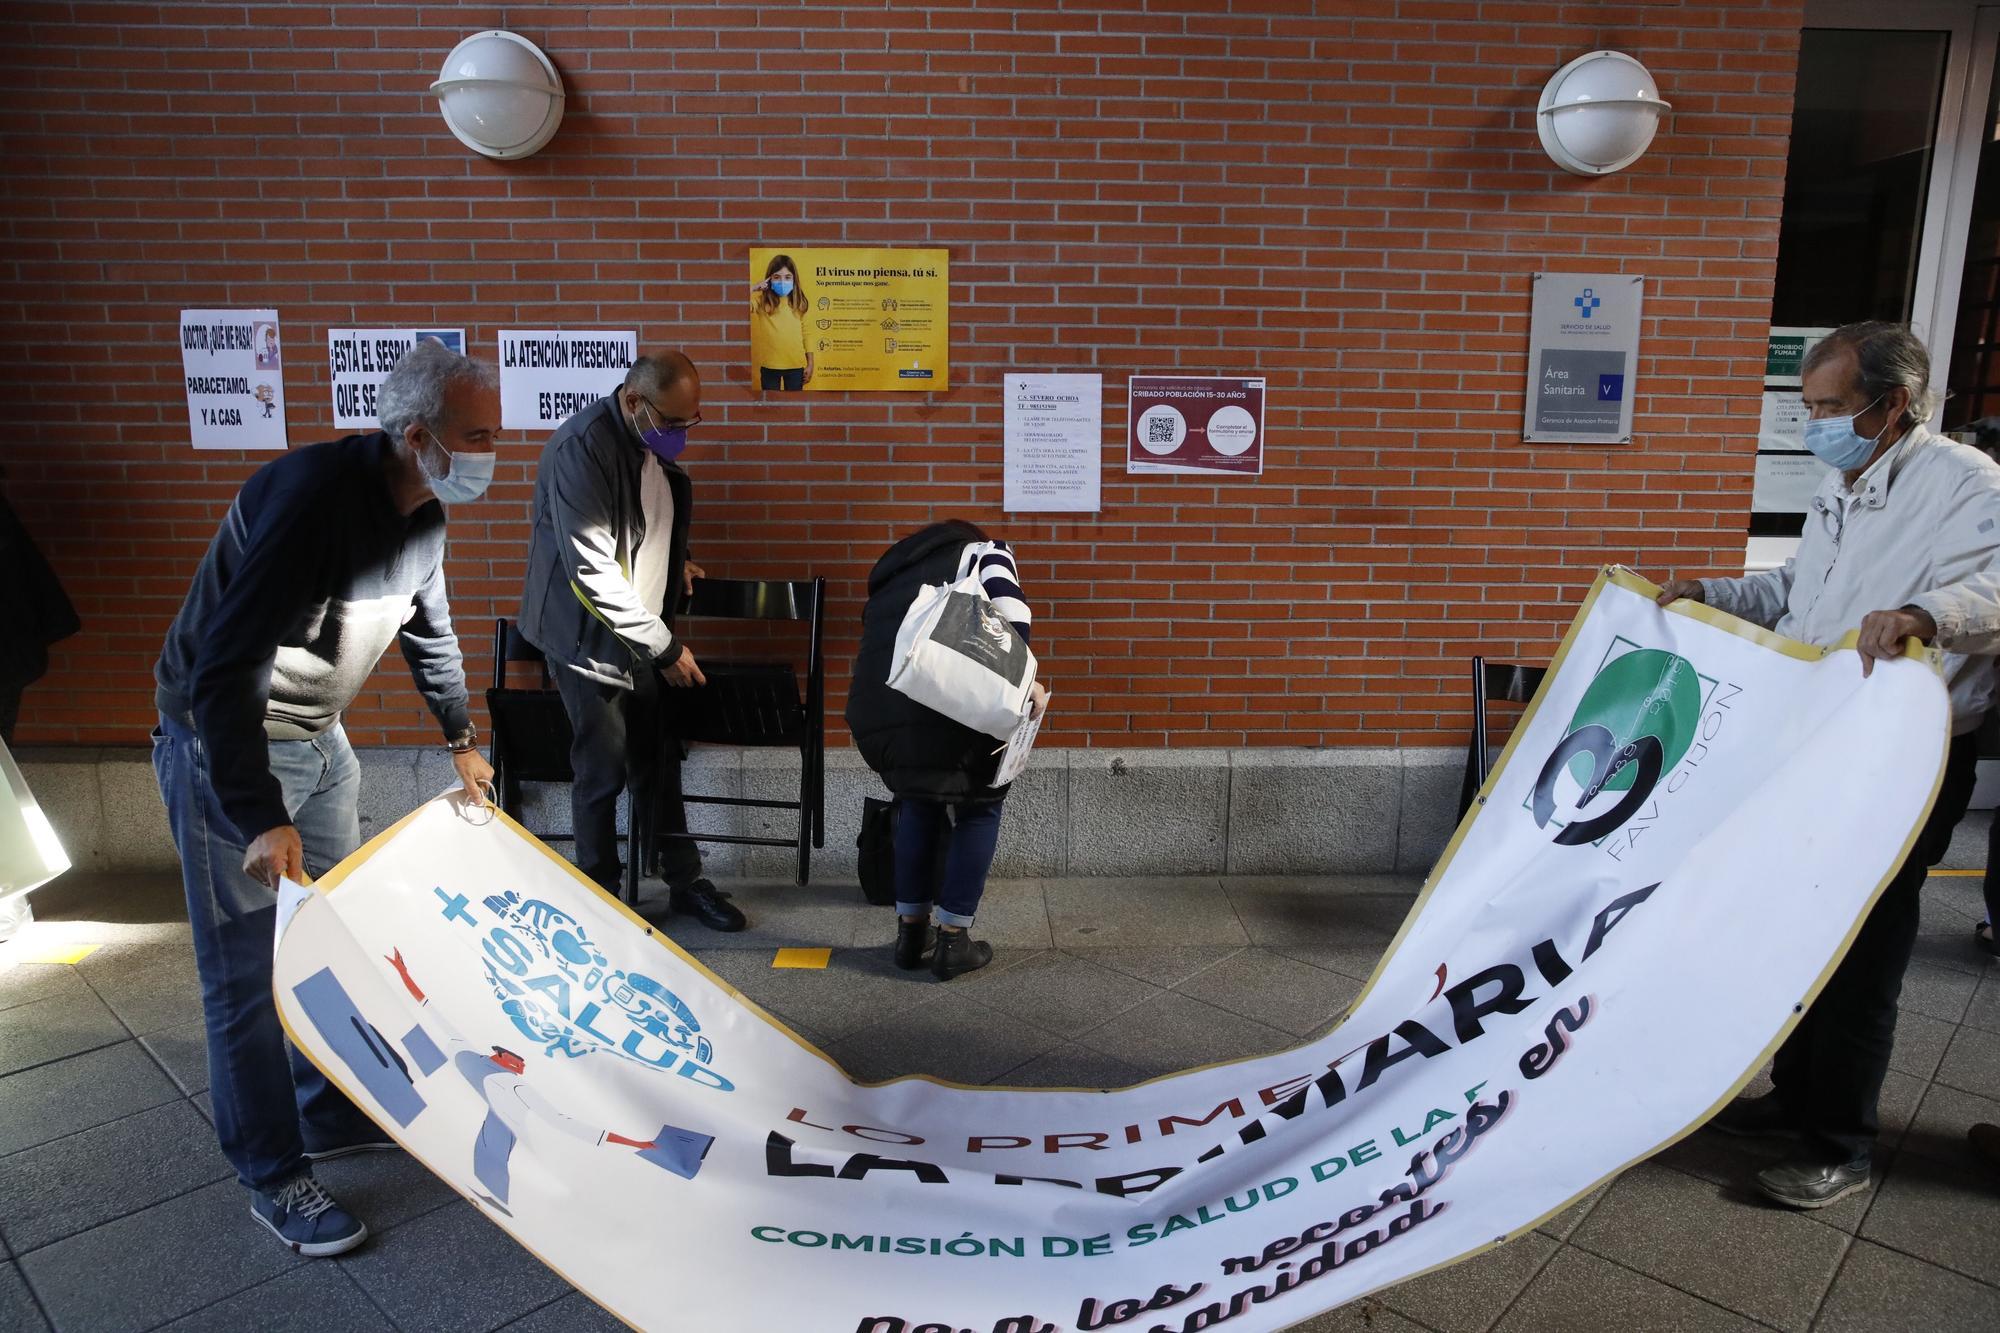 Protestas vecinales en Gijón para pedir la reapertura en horario de tarde de los centro de salud